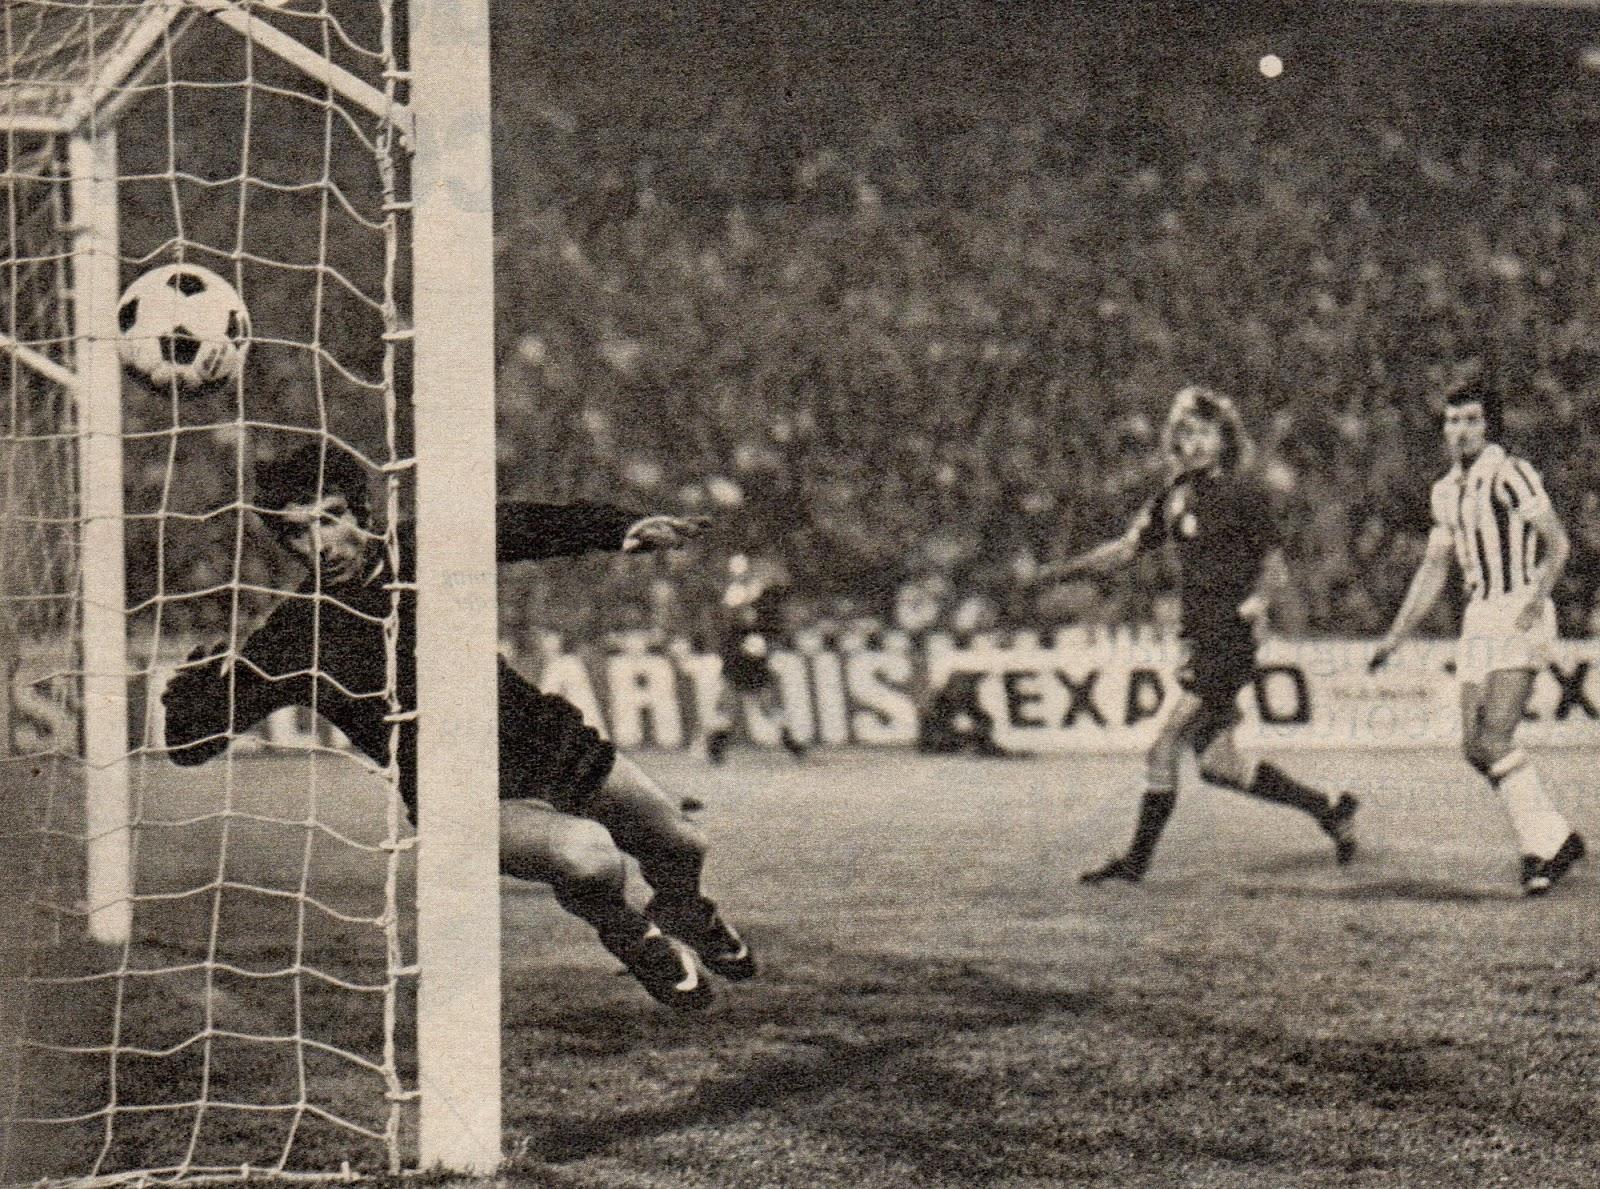 30 mai 1973, Belgrade. Johnny Rep marque de la tête (4e). Dino Zoff ne gagnera jamais la Coupe d'Europe - photo : Voetbal International Goal